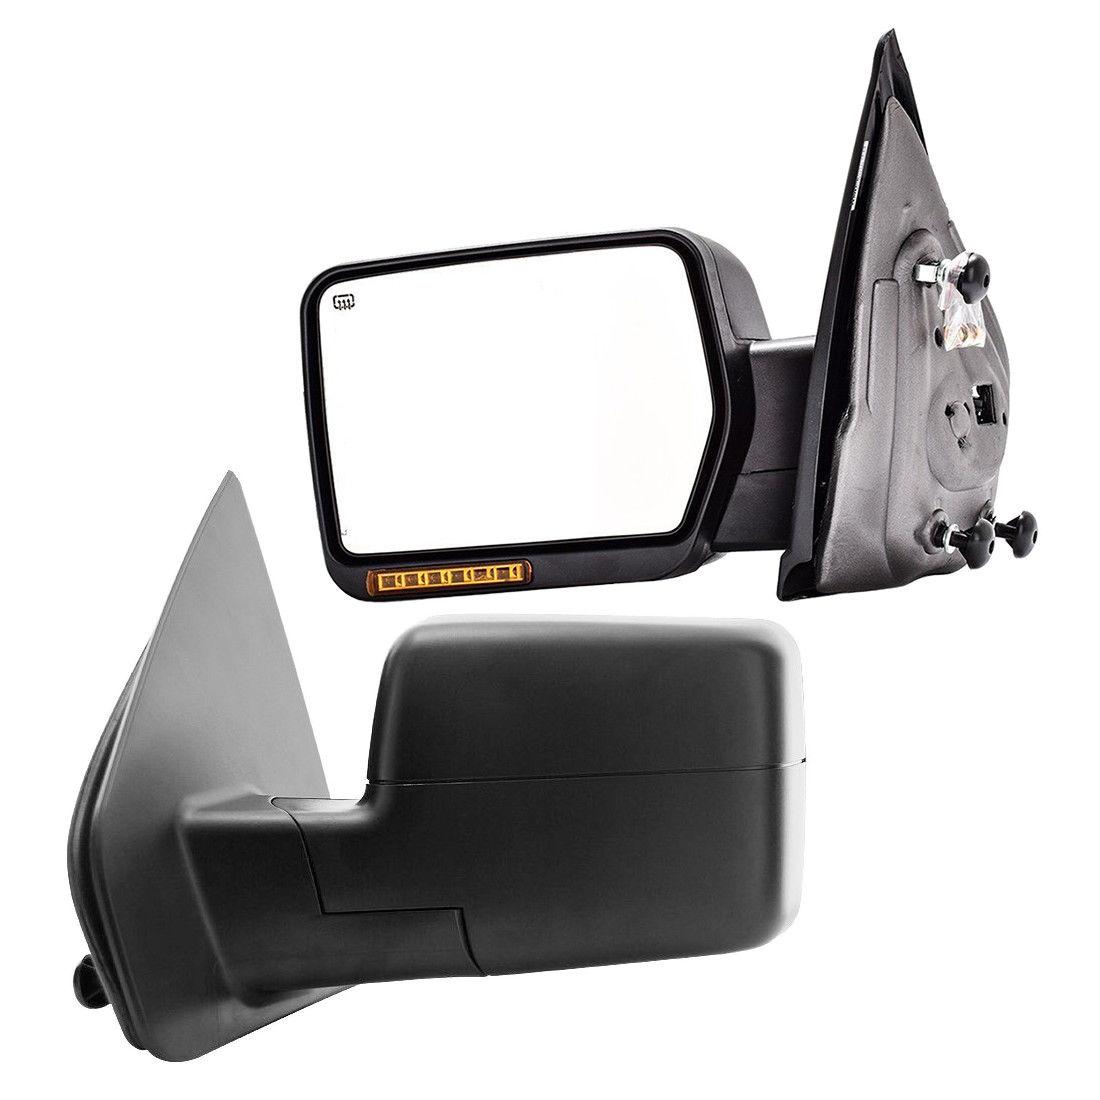 ミラー New Driver/Left Power Heated Amber LED Turn Signal Mirror for Ford F-150 2004-06 新しいドライバー/左パワー加熱琥珀LEDターンシグナルミラーフォードF-150 2004-06